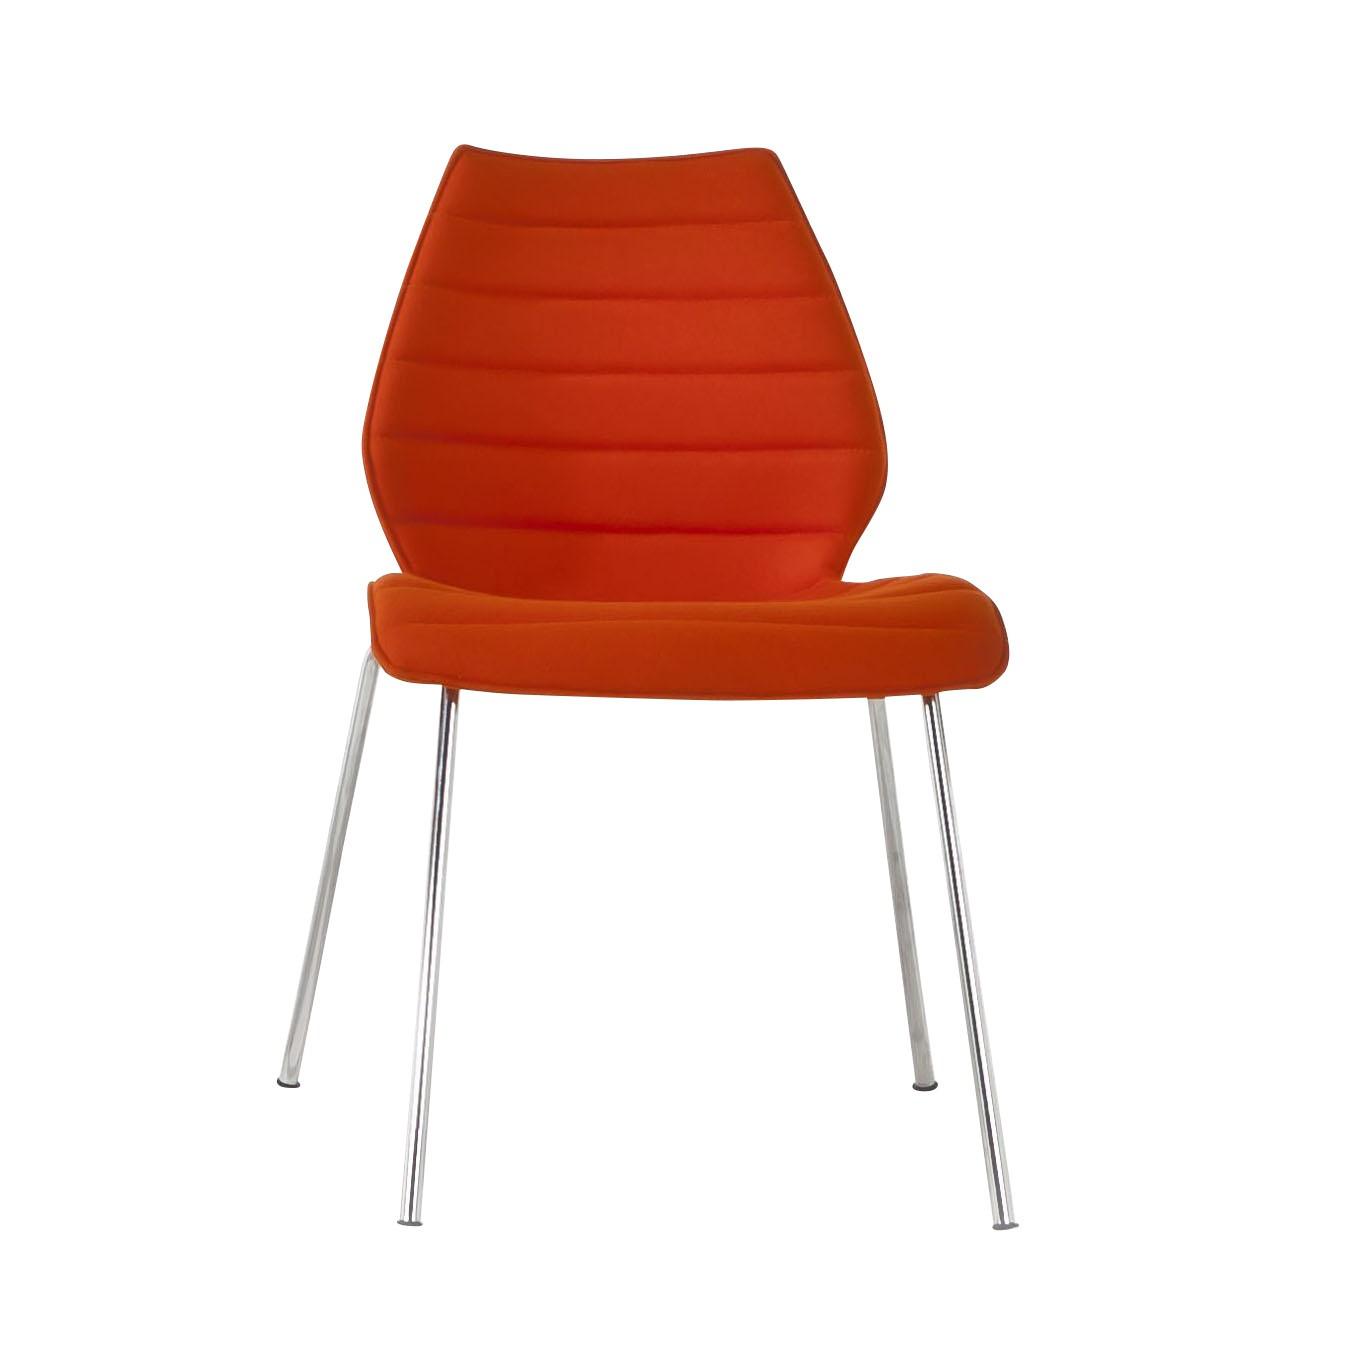 Kartell maui soft stuhl orange stoff trevira gestell verchromter stahl